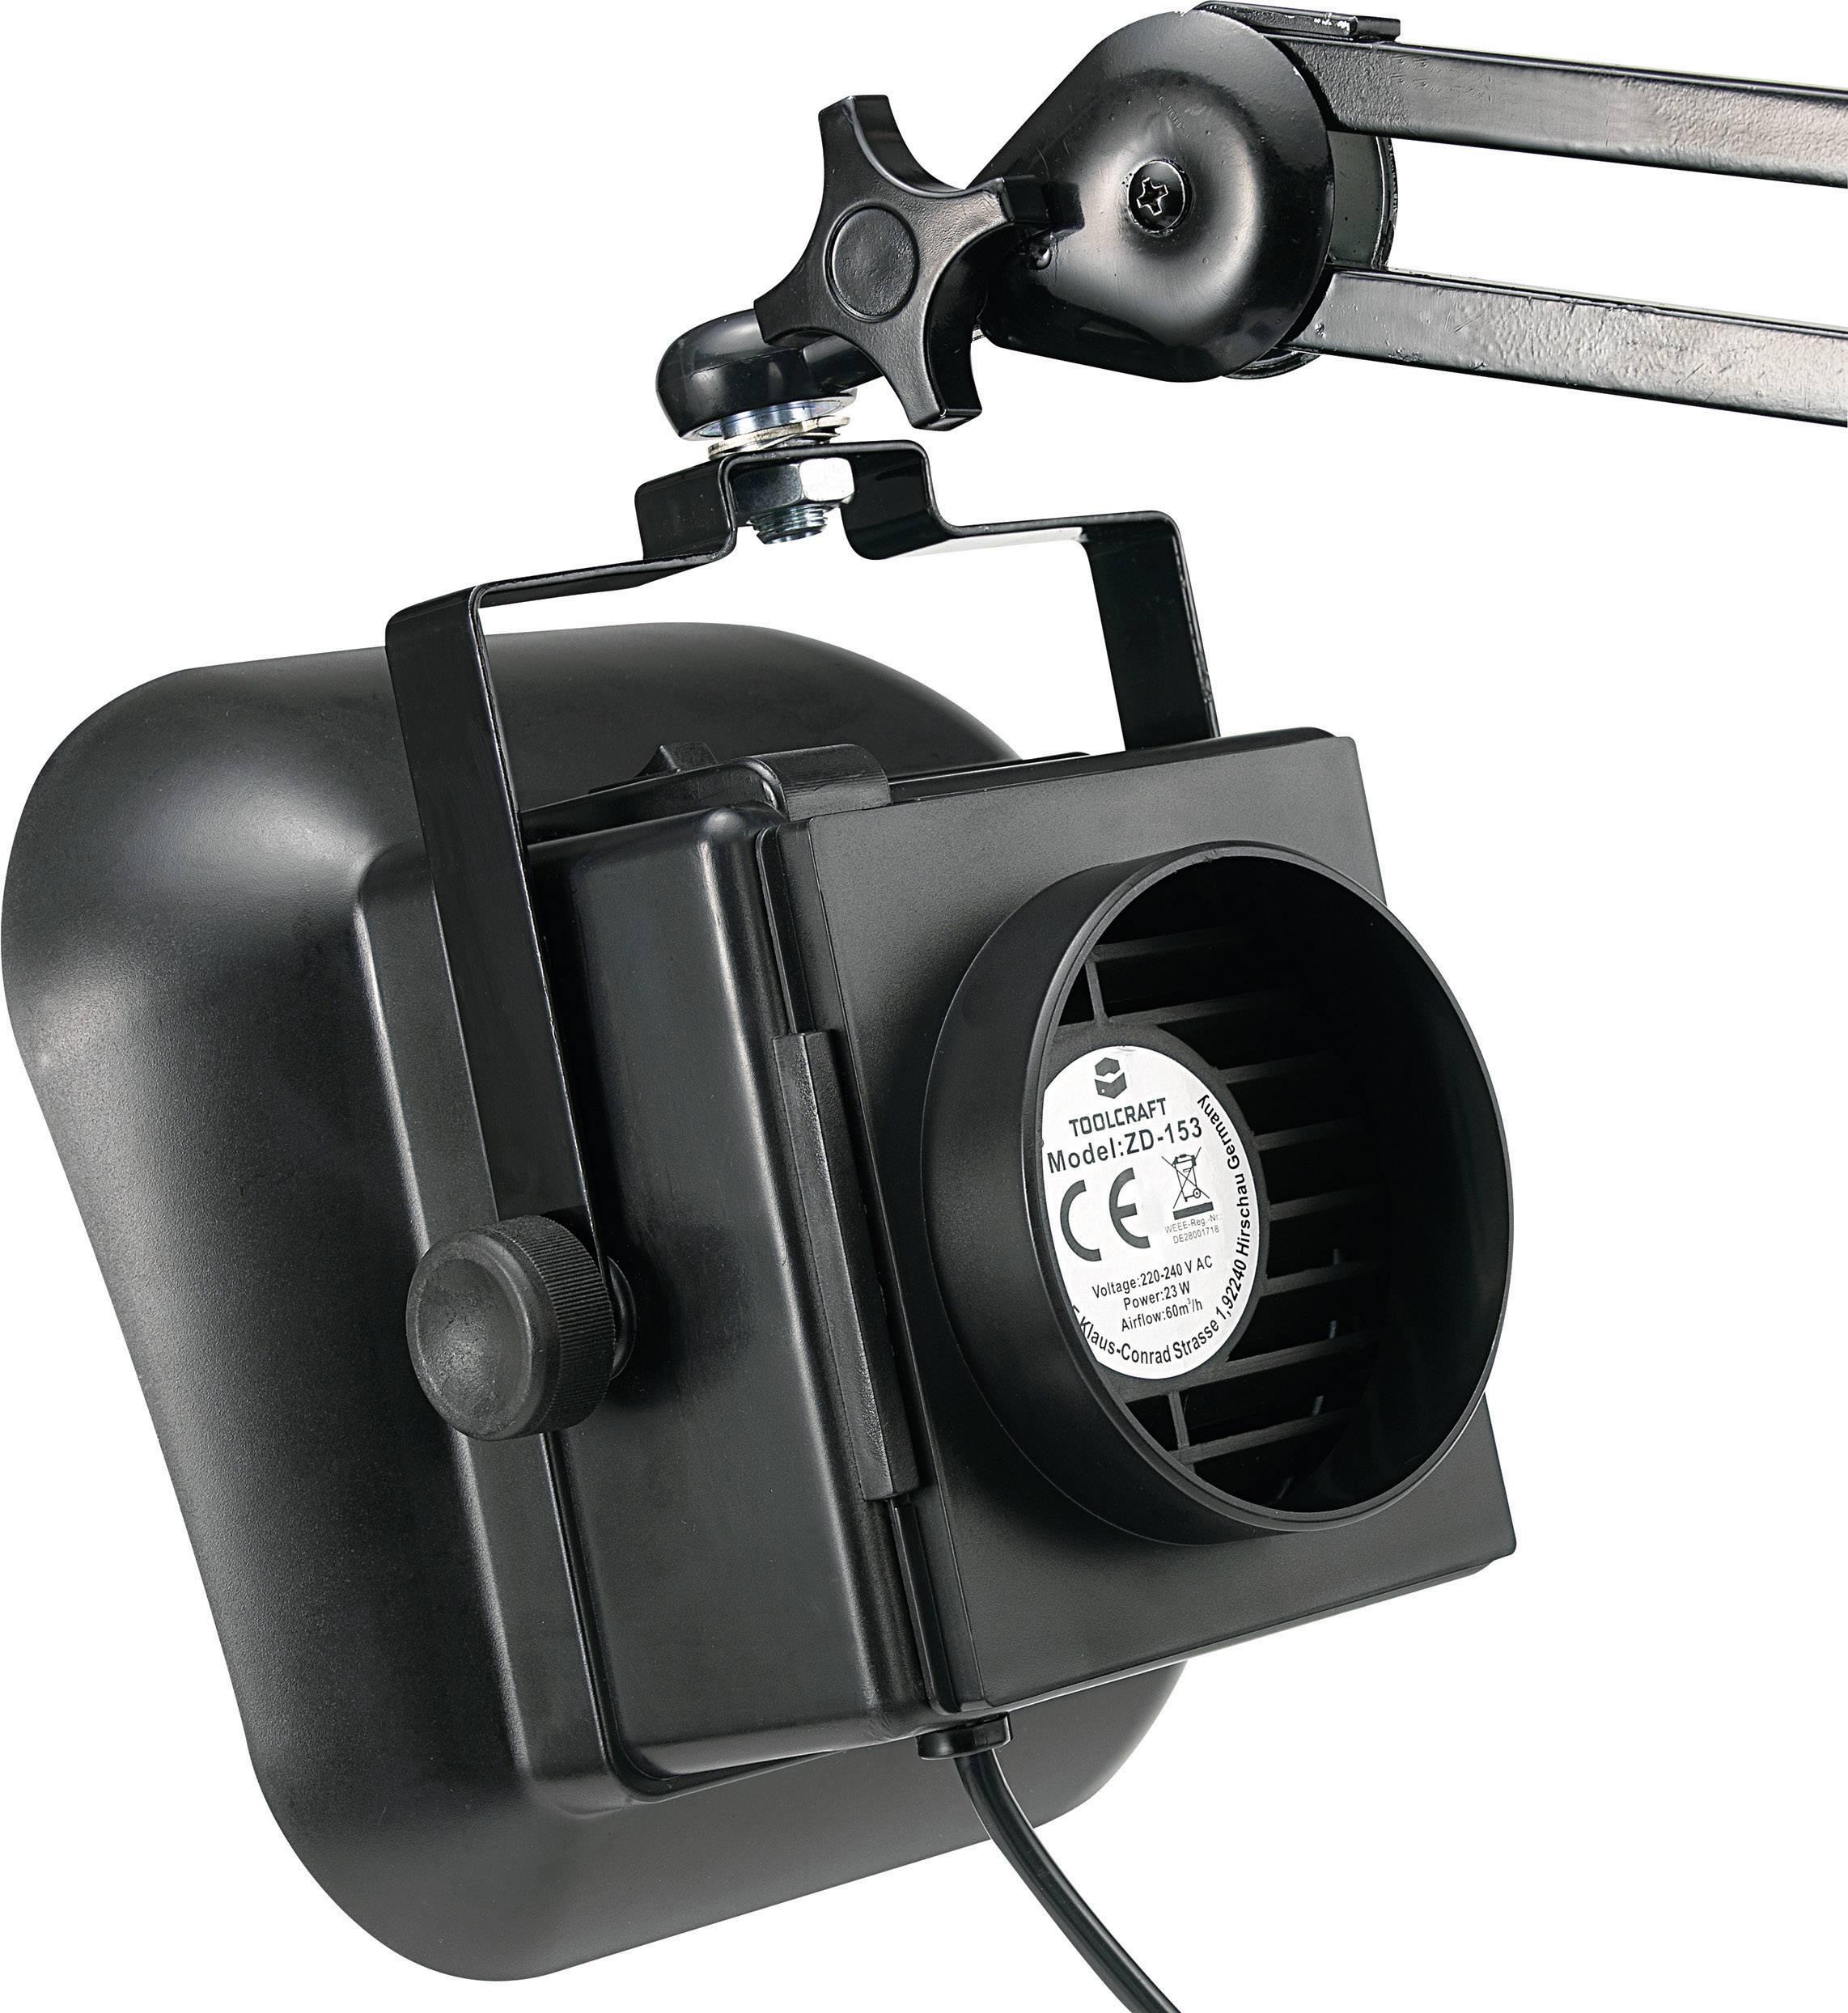 Odsávač pájecích výparů Toolcraft ZD-153A, 230 V/AC